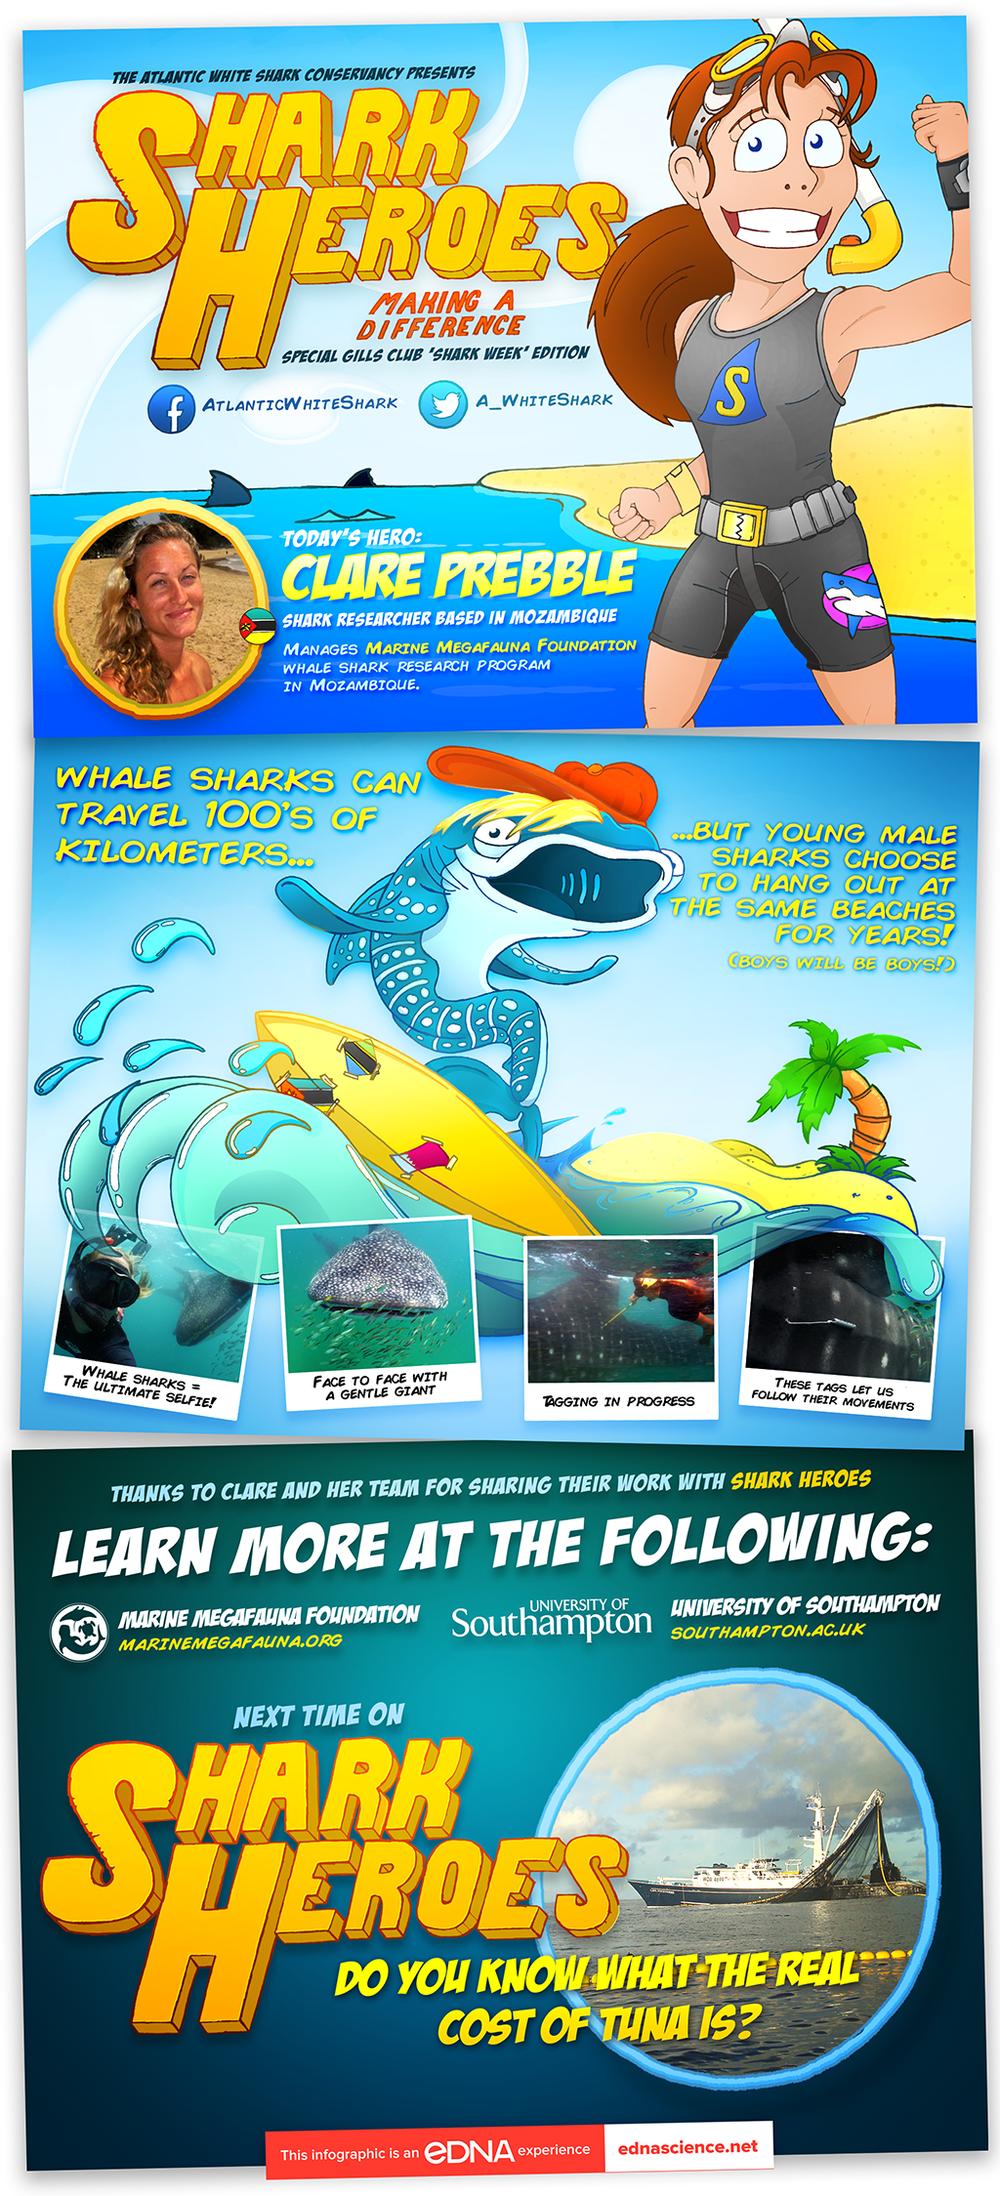 Shark Hero - Clare Prebble